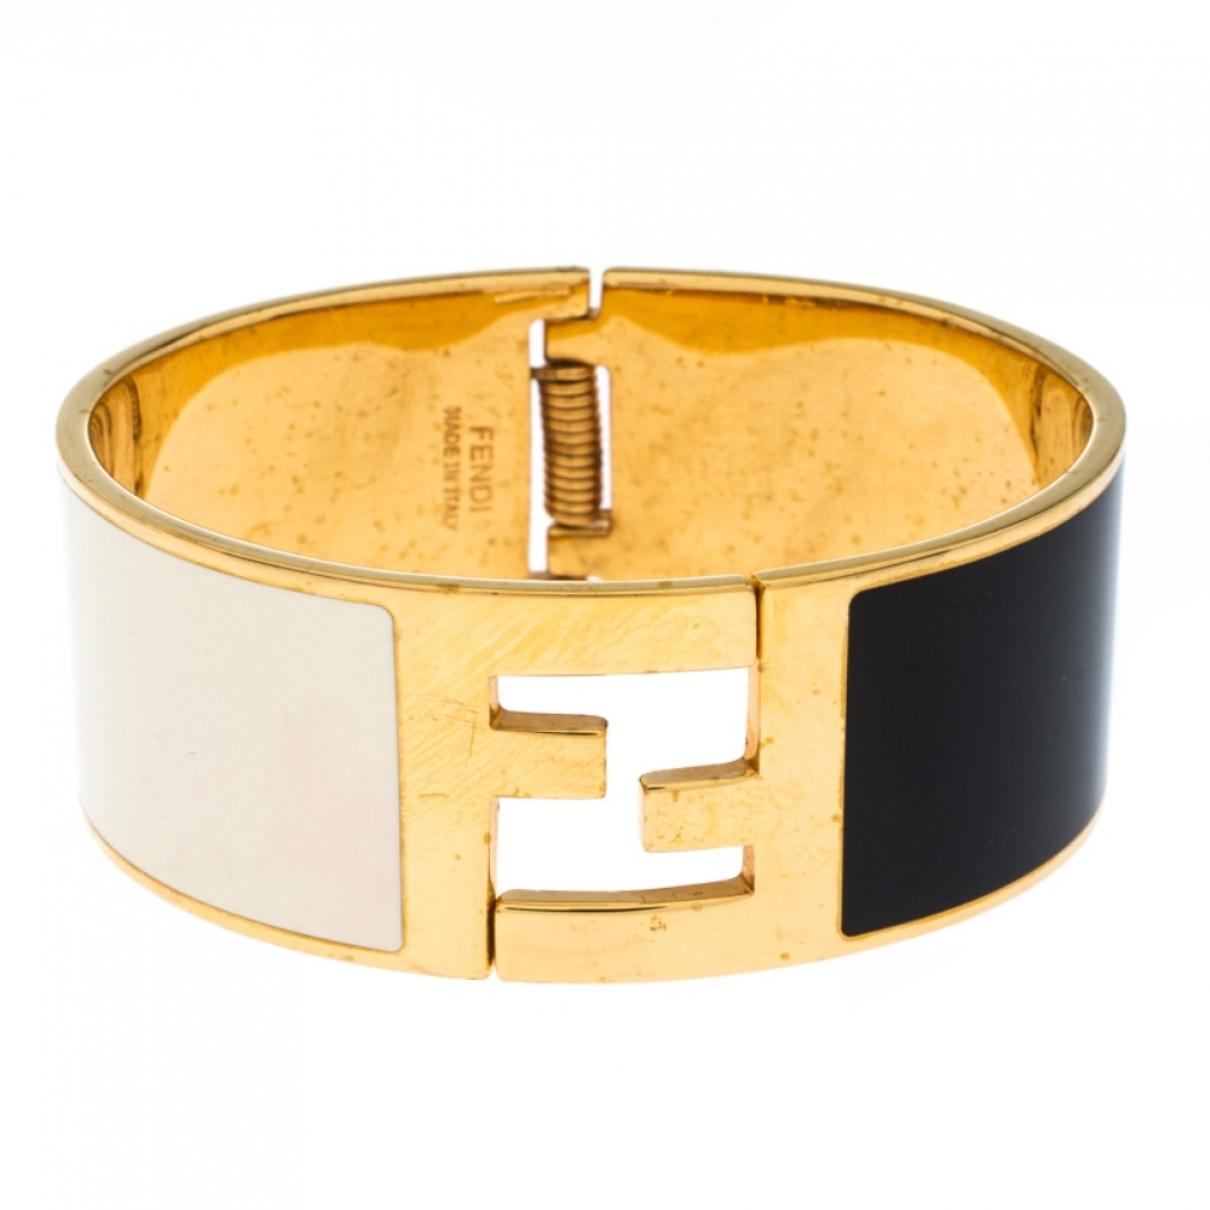 Fendi - Bracelet The Fendista pour femme en metal - multicolore